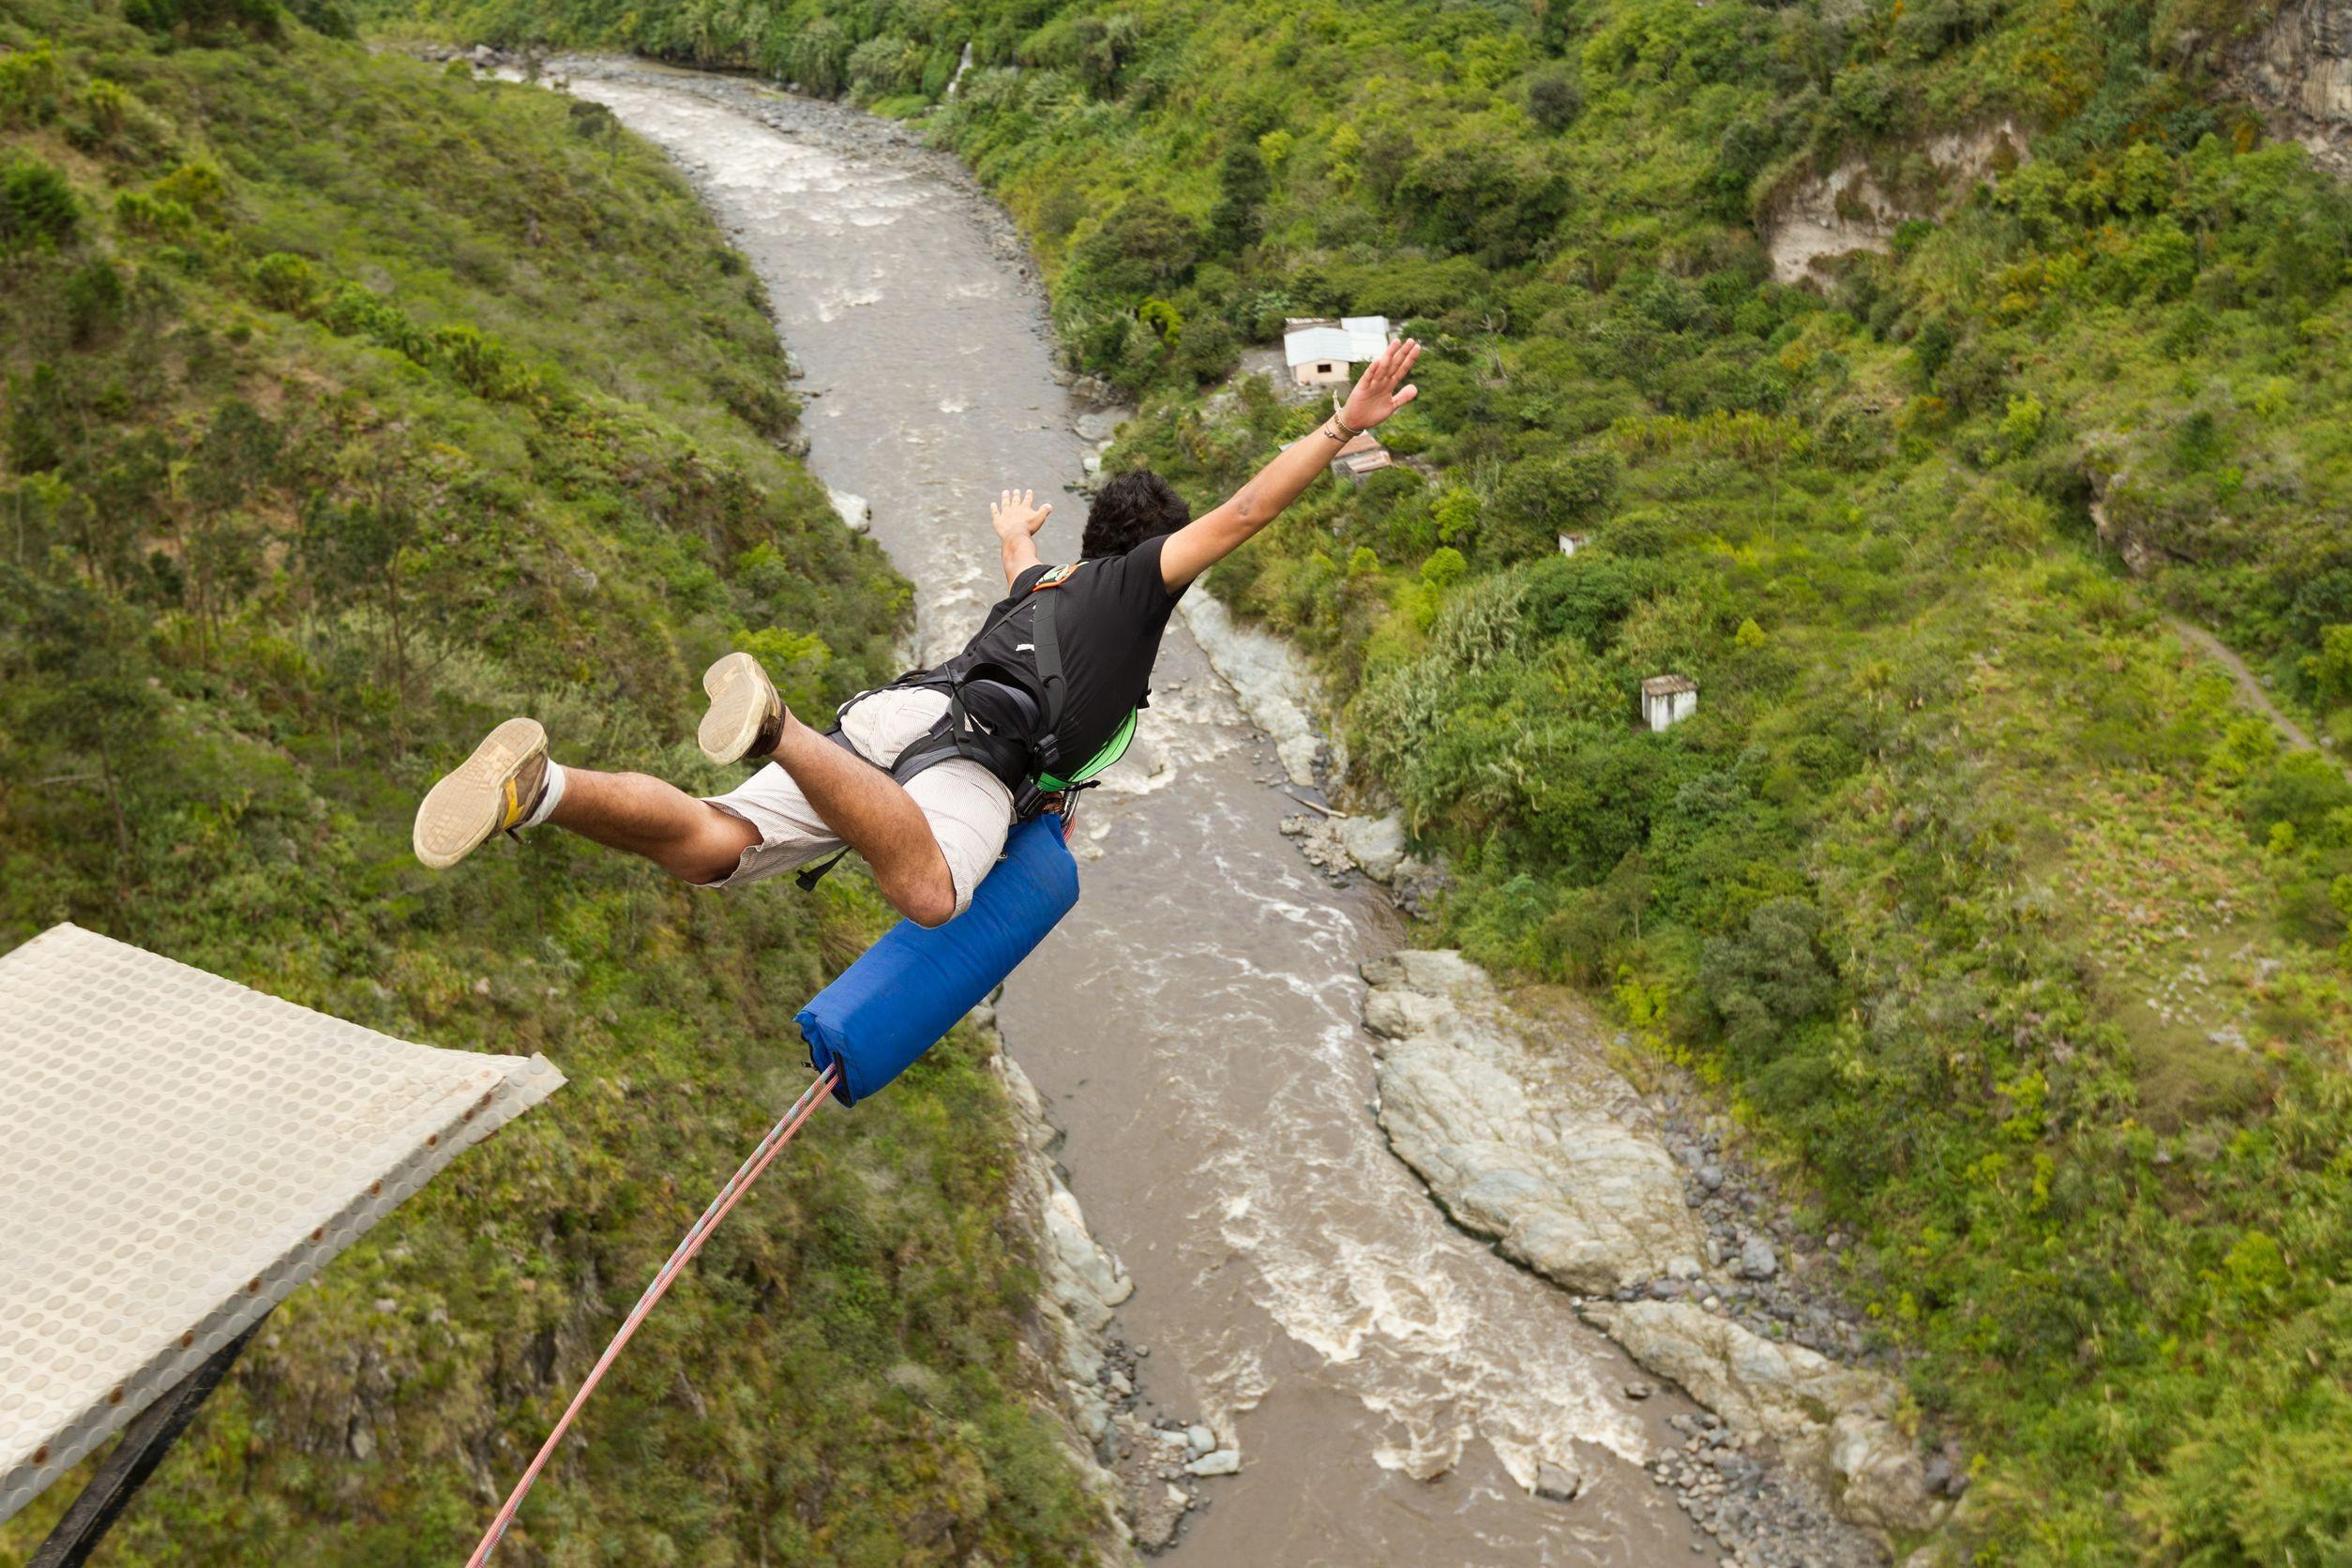 bungee-jumper-new-zealand